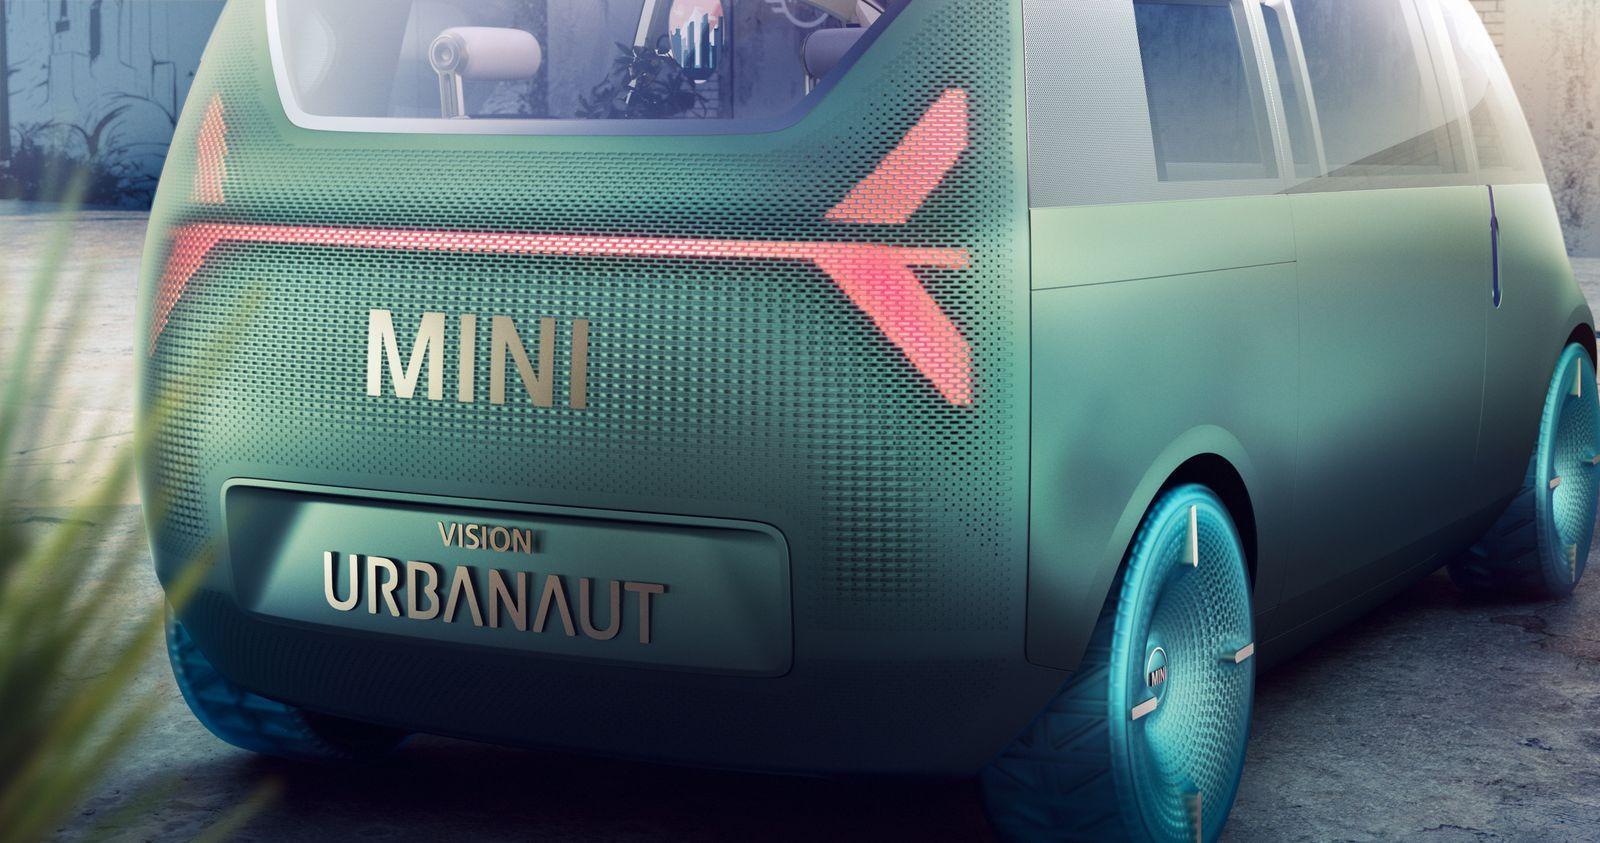 MiniVisionUrbanaut_2020_09